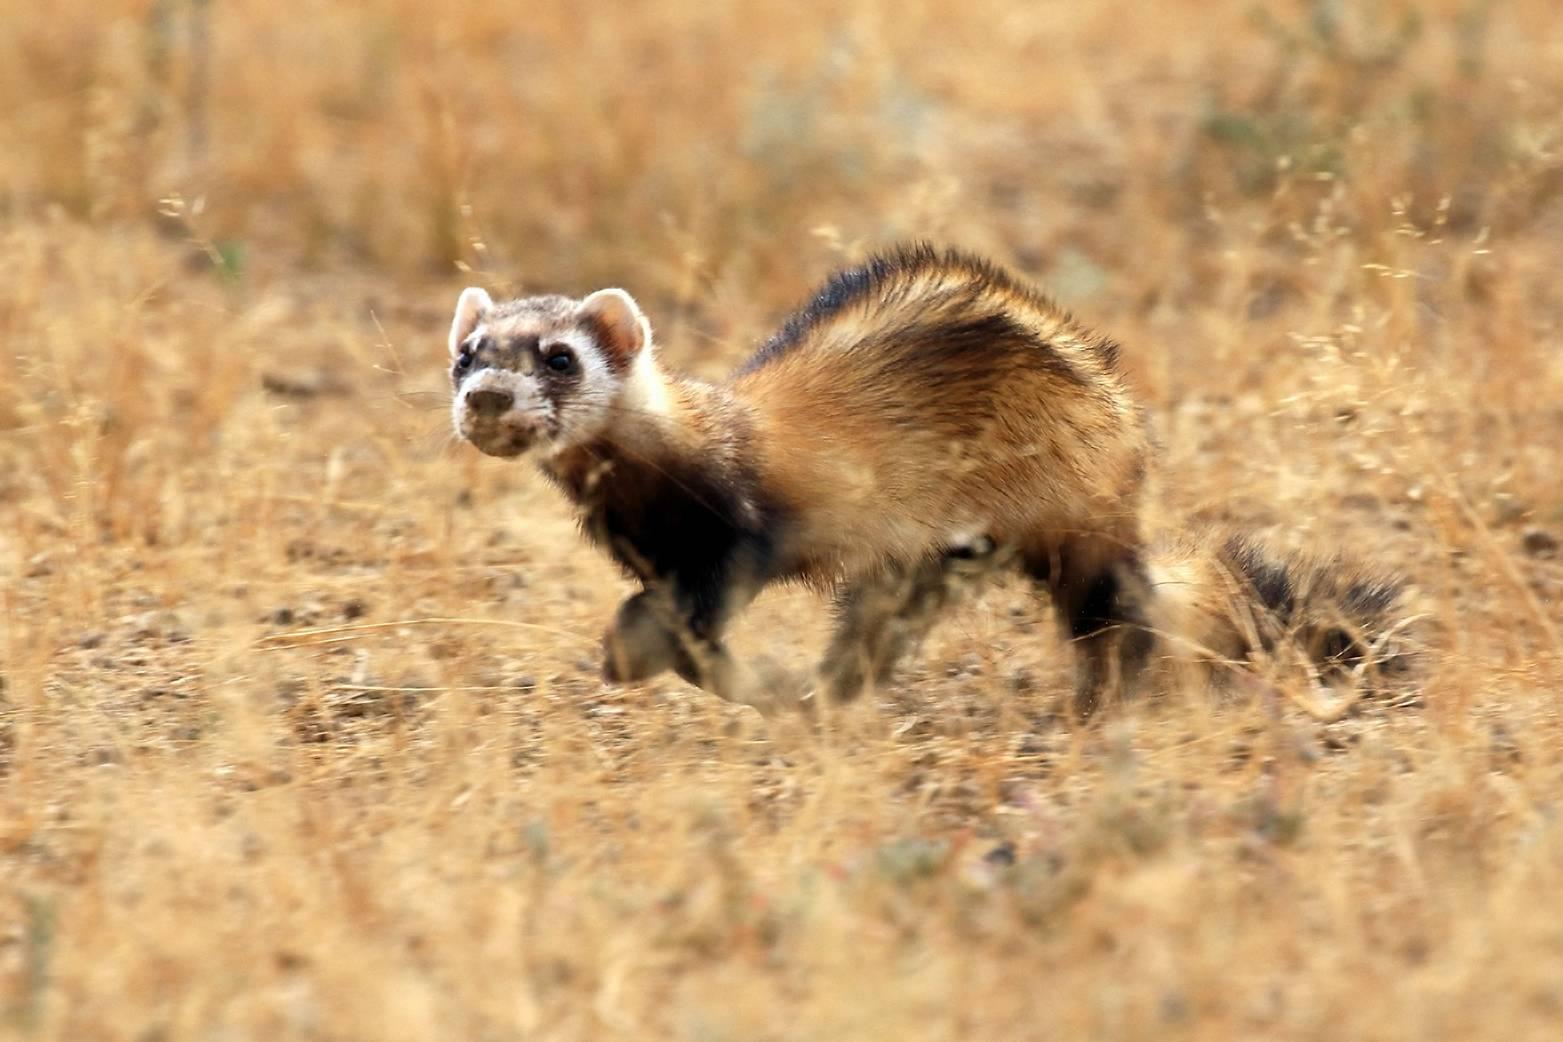 Хорек - 86 фото самого забавного млекопитающего хищника в мире